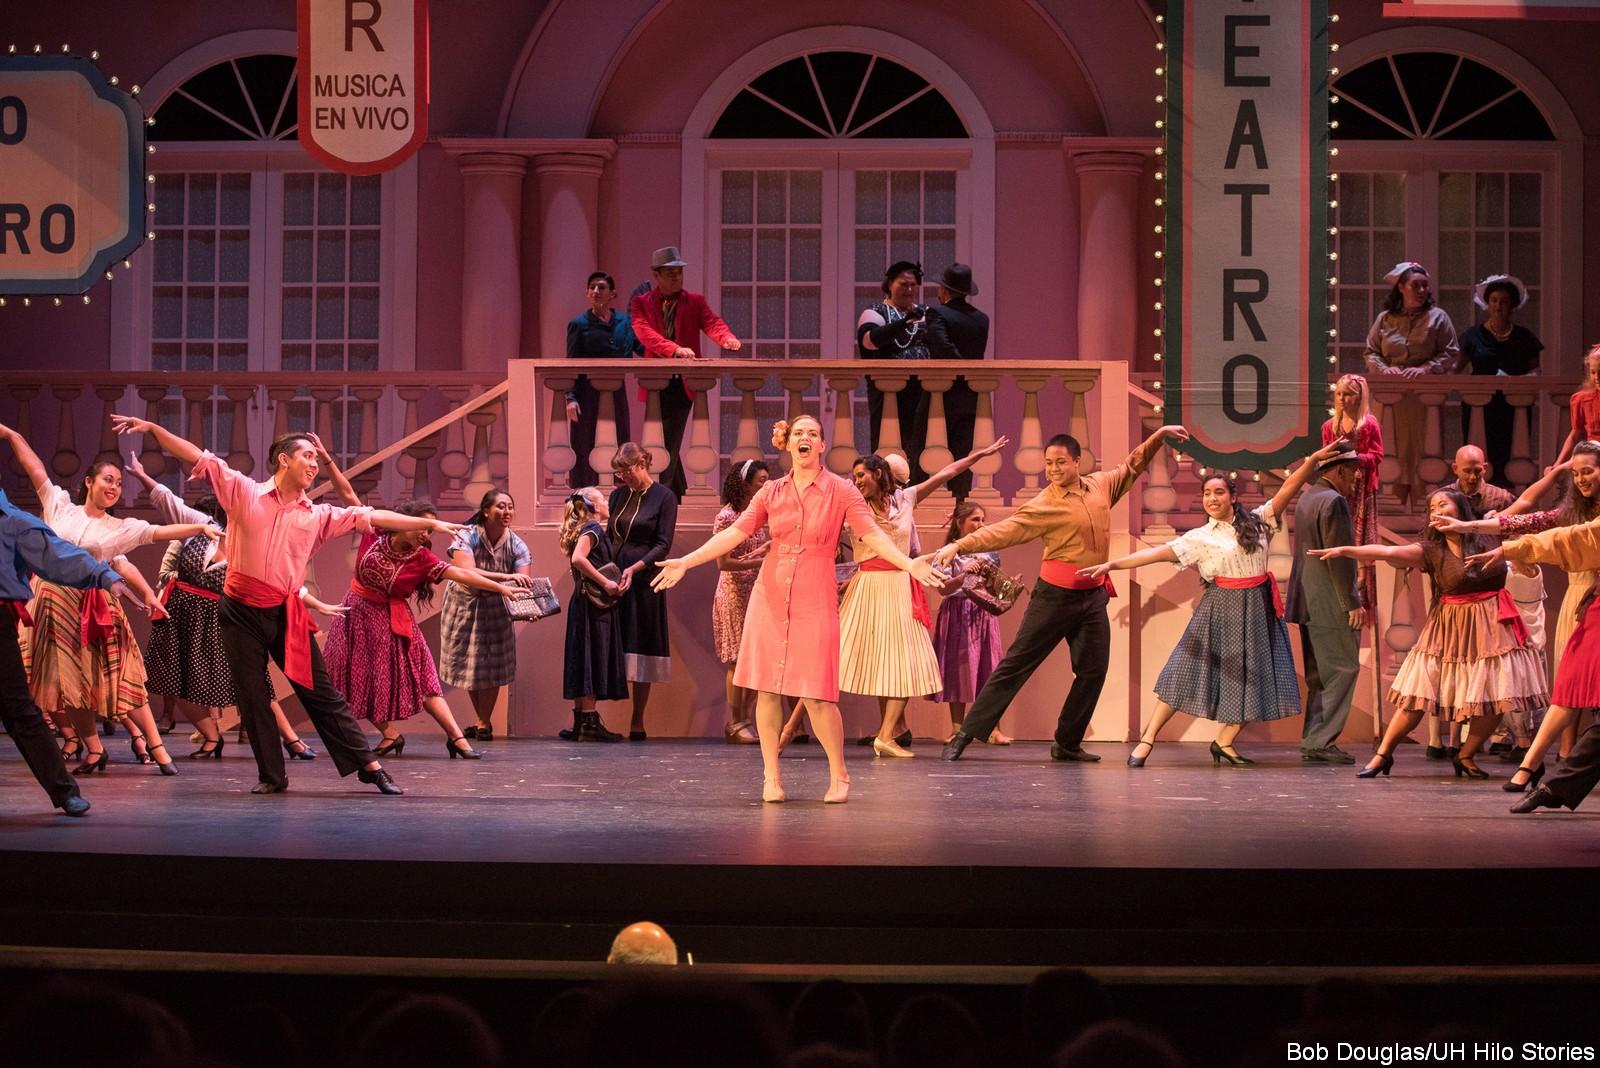 Chorus dancing.